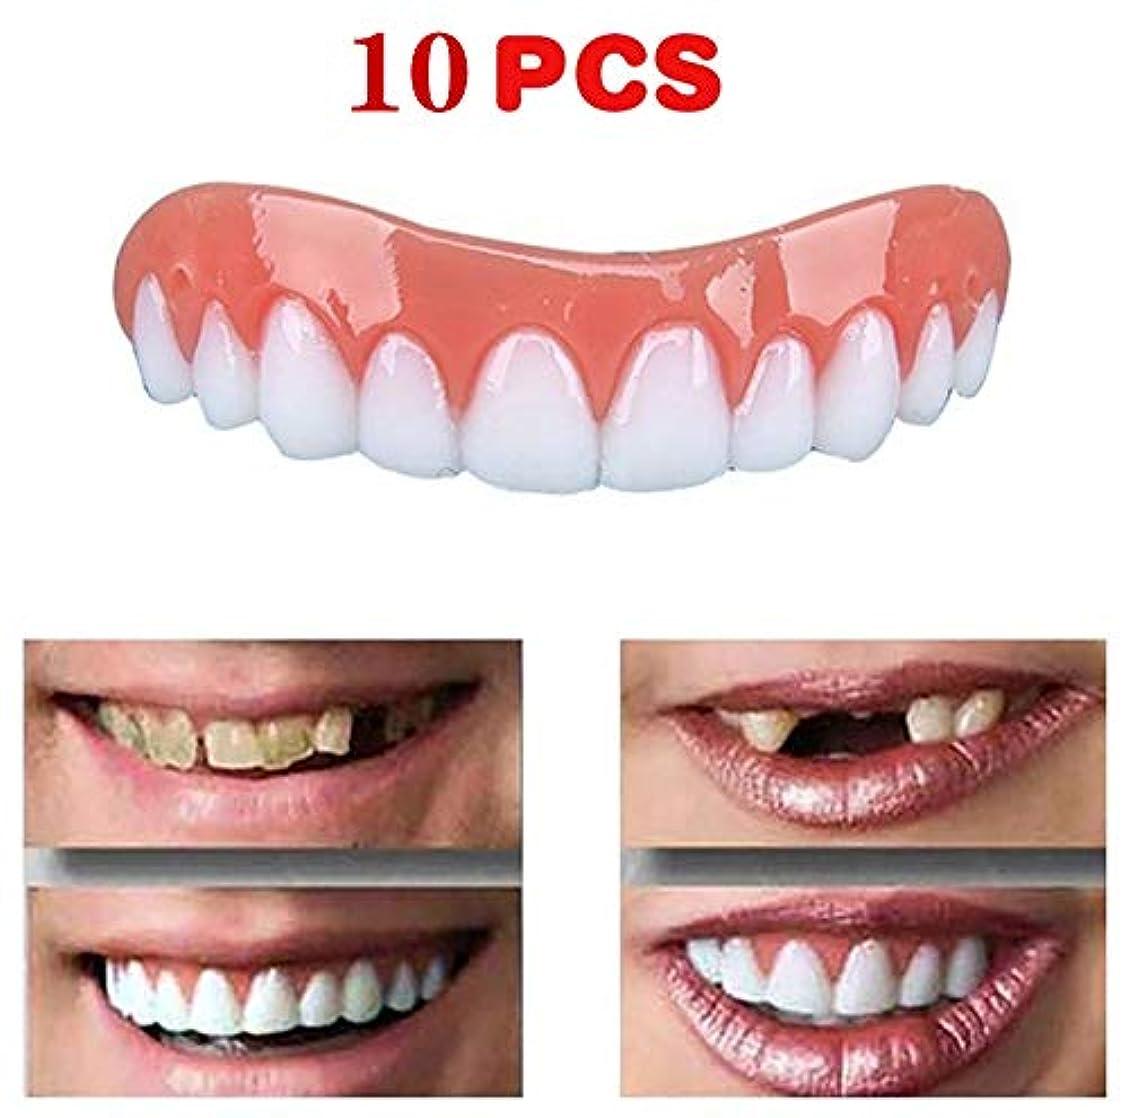 有望応答エスニック新しい再利用可能な大人のスナップオンパーフェクトスマイルホワイトニング義歯フィットフレックス化粧品歯快適なベニアカバーデンタルケアアクセサリー